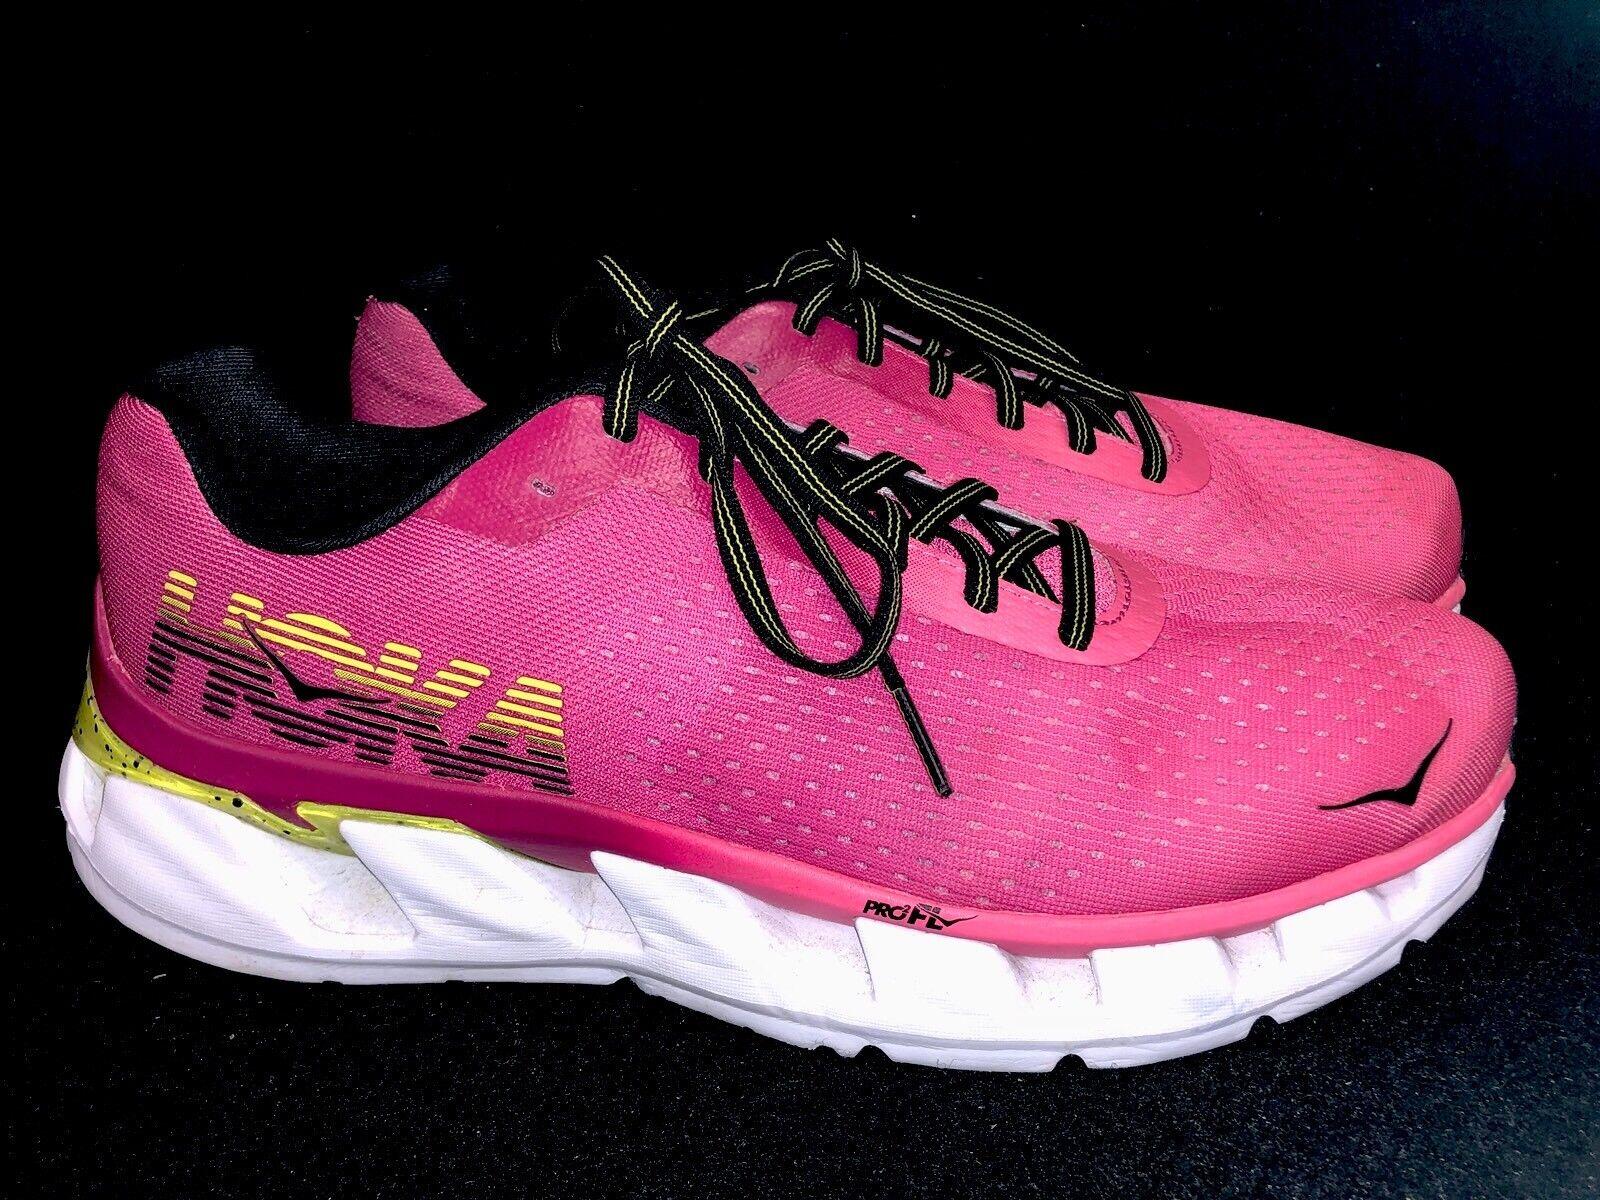 Hoka One One elevón elevón elevón Para mujeres Tenis Zapatos cerezas Jubilee Athletic Color de rosadodo caliente   hasta un 50% de descuento